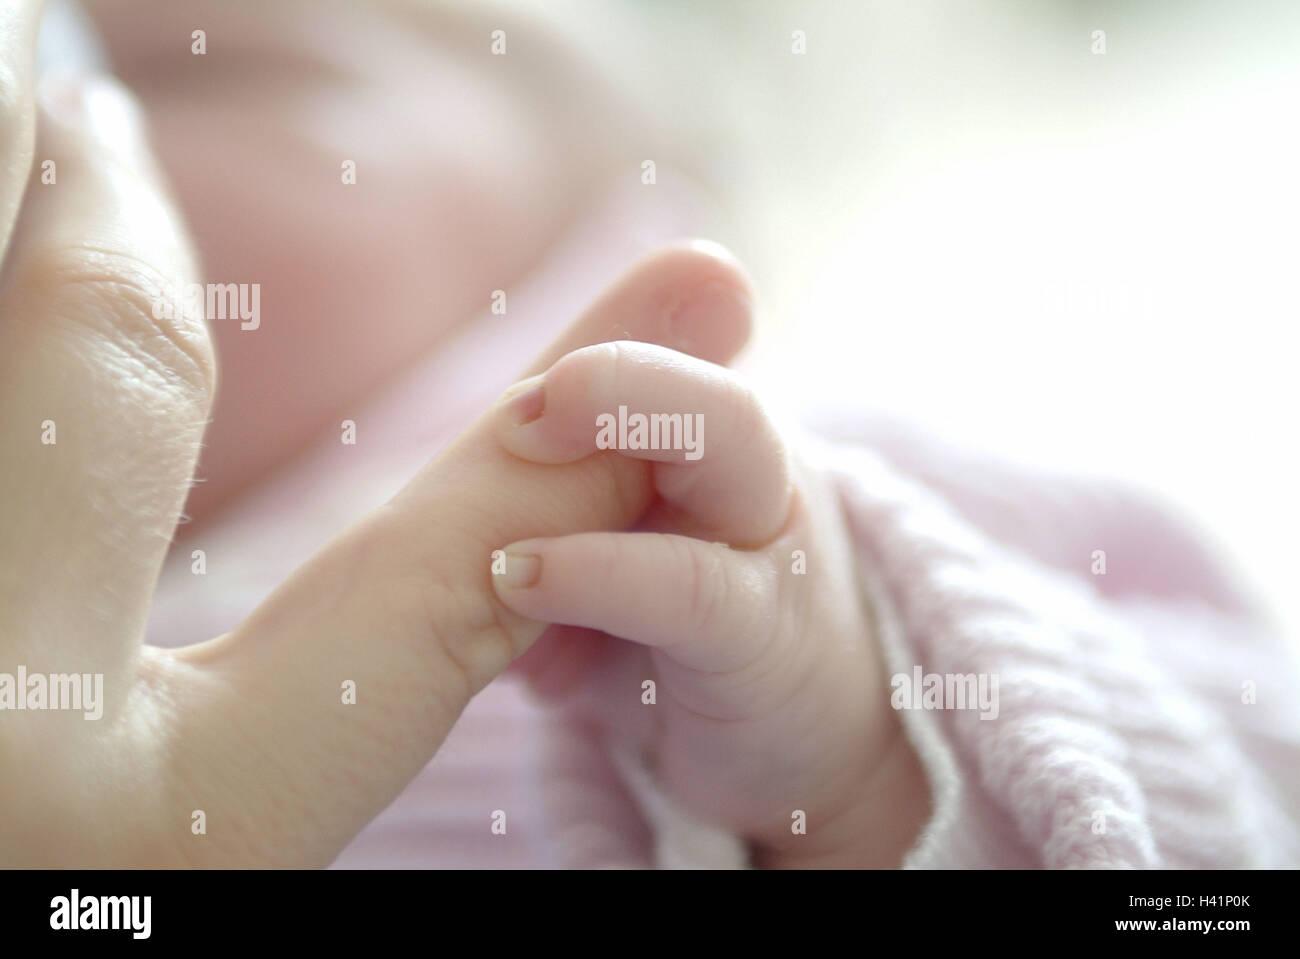 Mutter, Detail, Finger, Baby, Touch, Unschärfe erweckten, Hand, Lebens-Abschnitt, Kindheit, Kind, Säugling, Stockbild